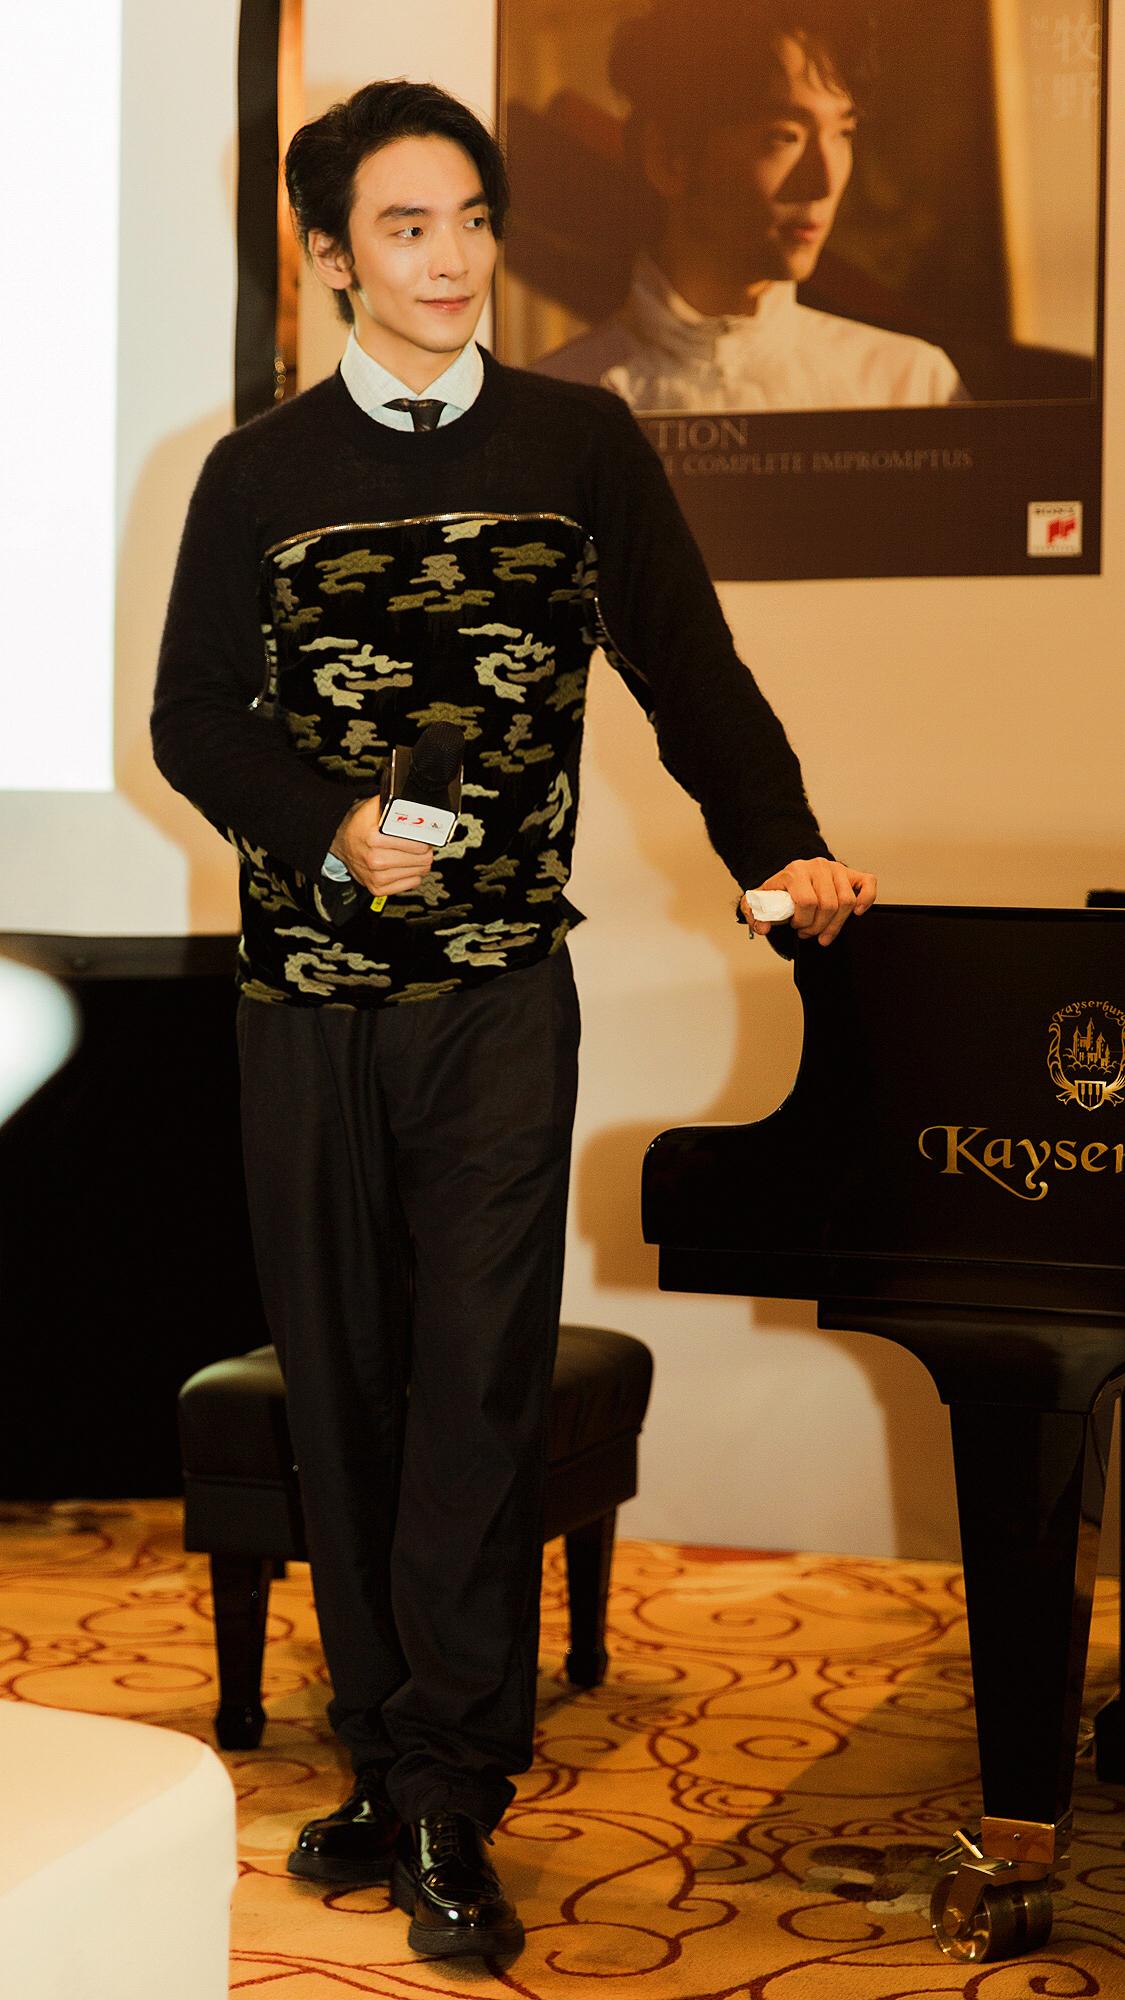 钢琴家吴牧野加盟索尼音乐 首张专辑即将发行